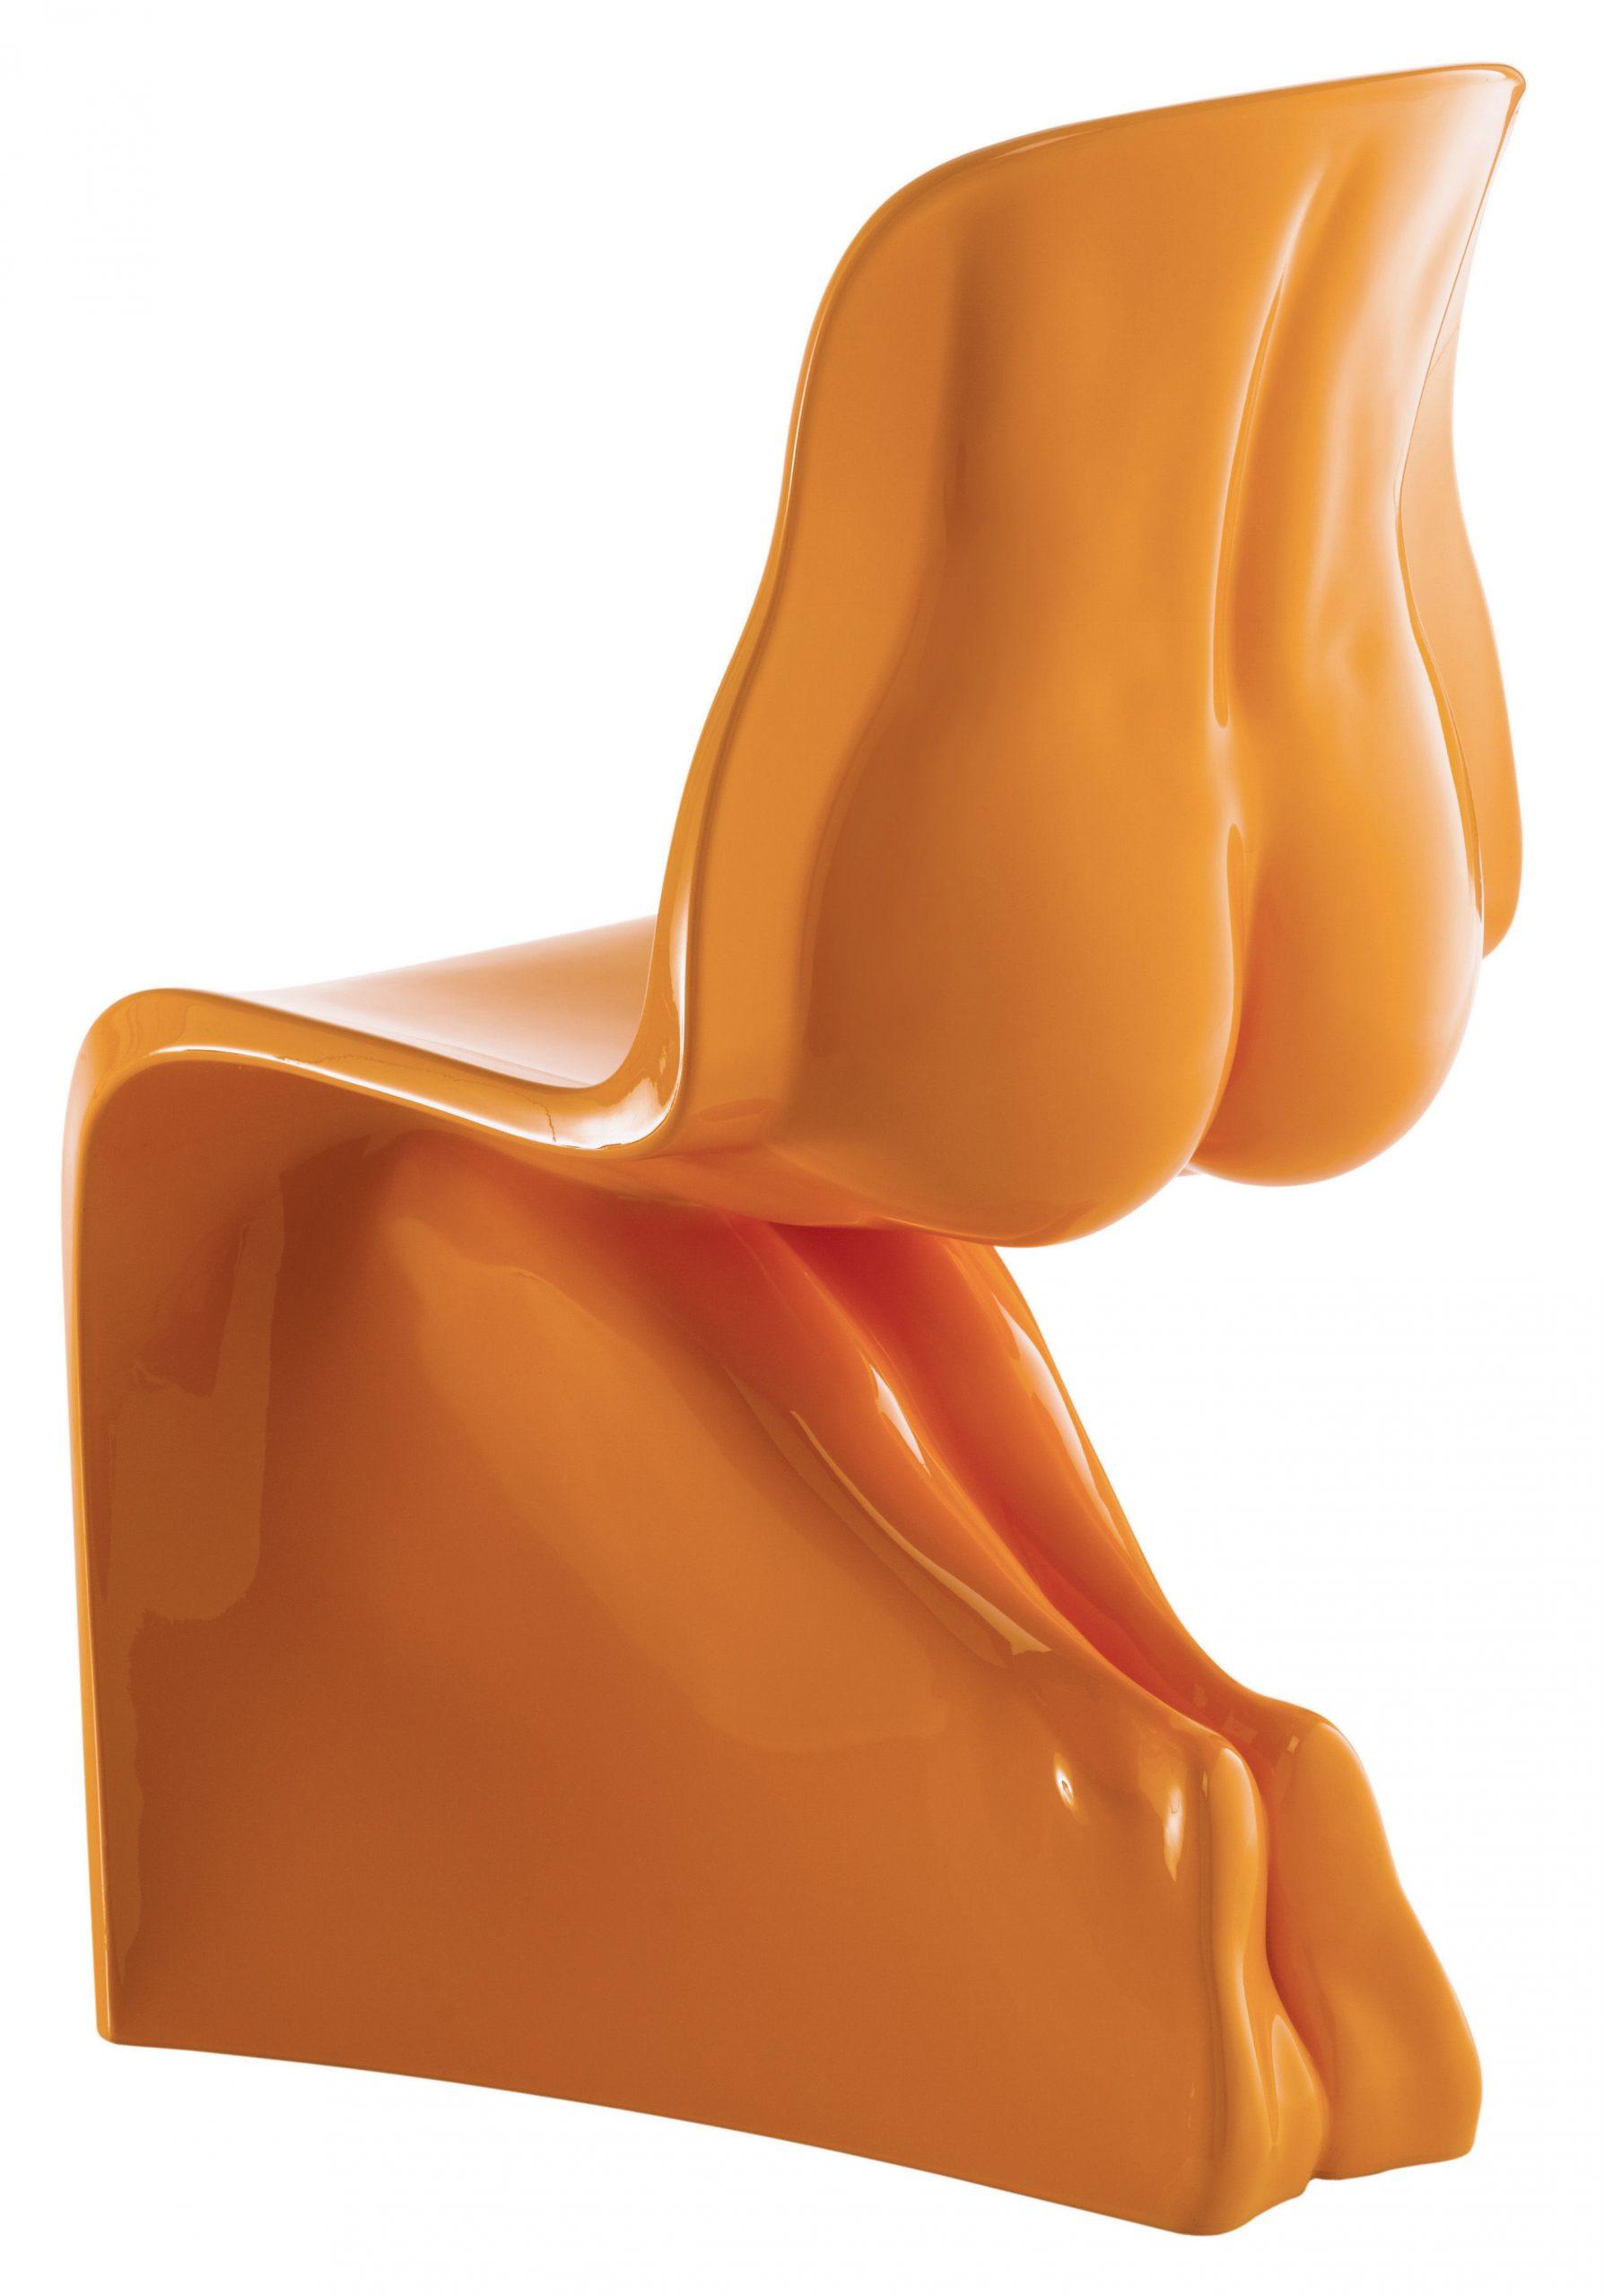 Η καρέκλα της - Casamania Orange Νοέμβριο βερνίκι έκδοση Fabio Novembre